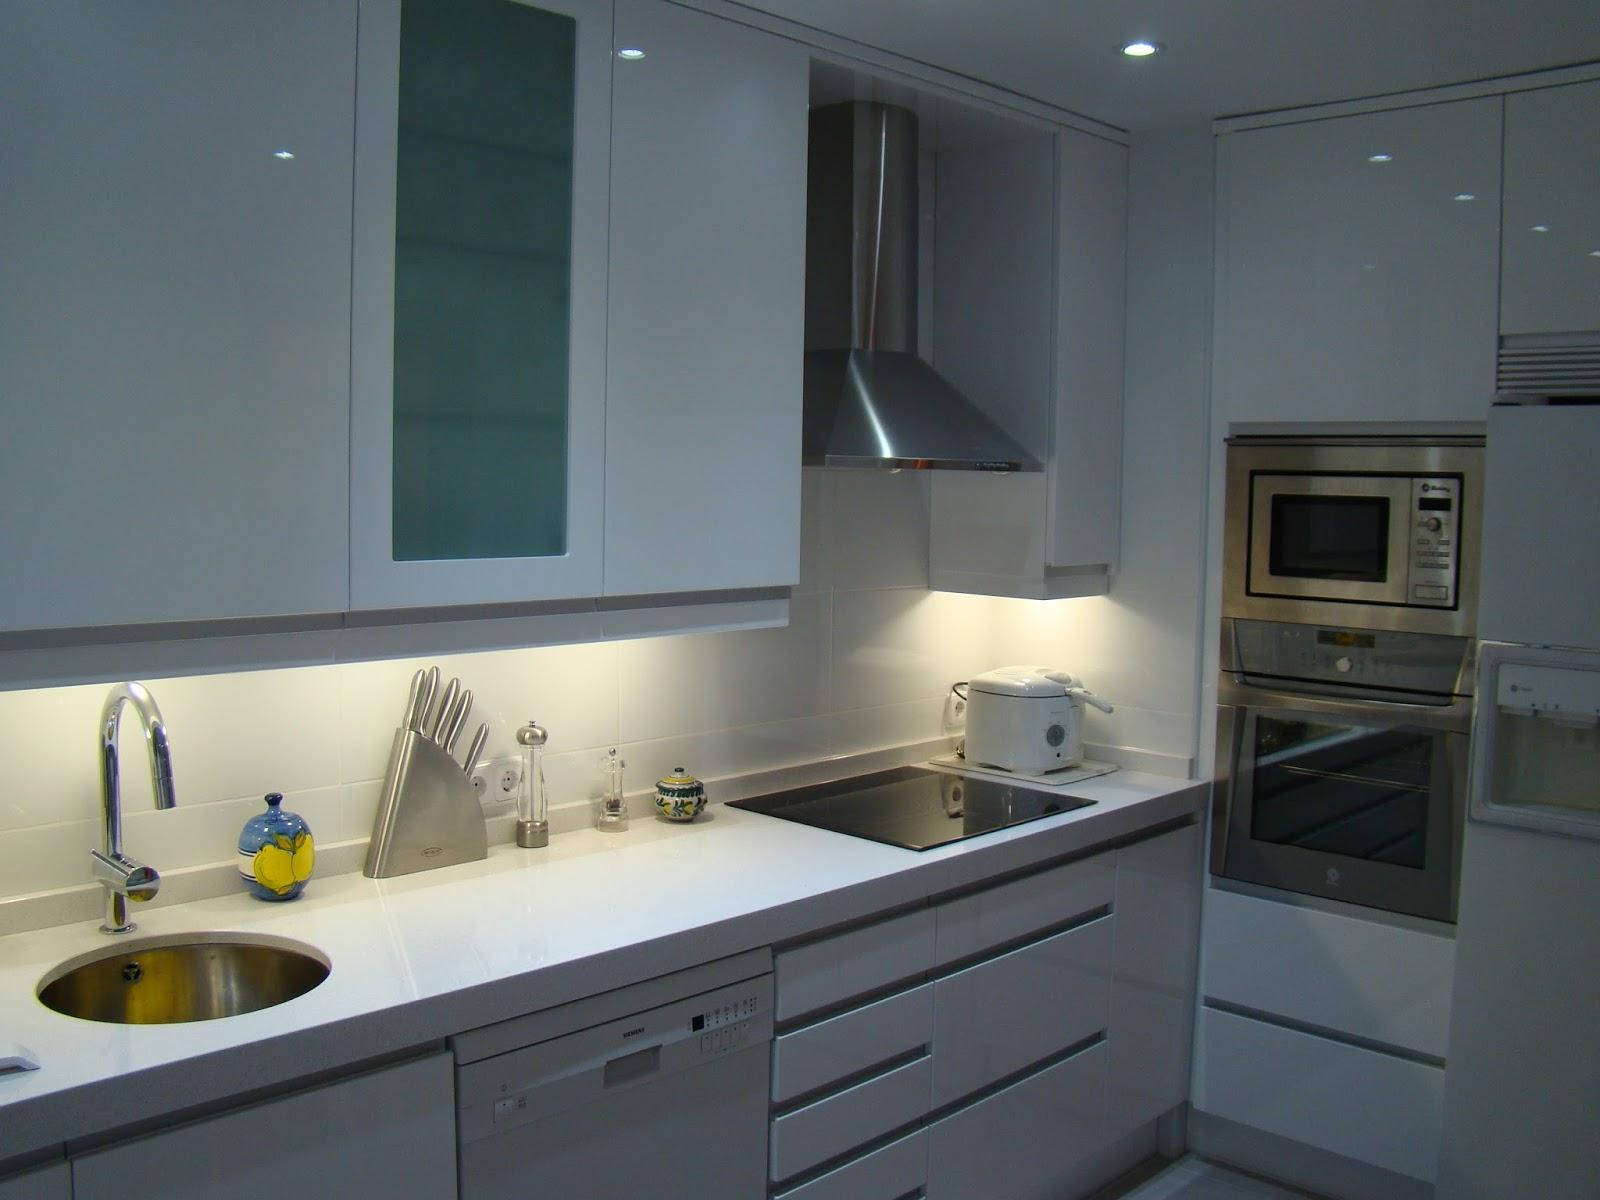 Muebles de Cocinas Iris Madrid: Proyectos realizados por Muebles de ...